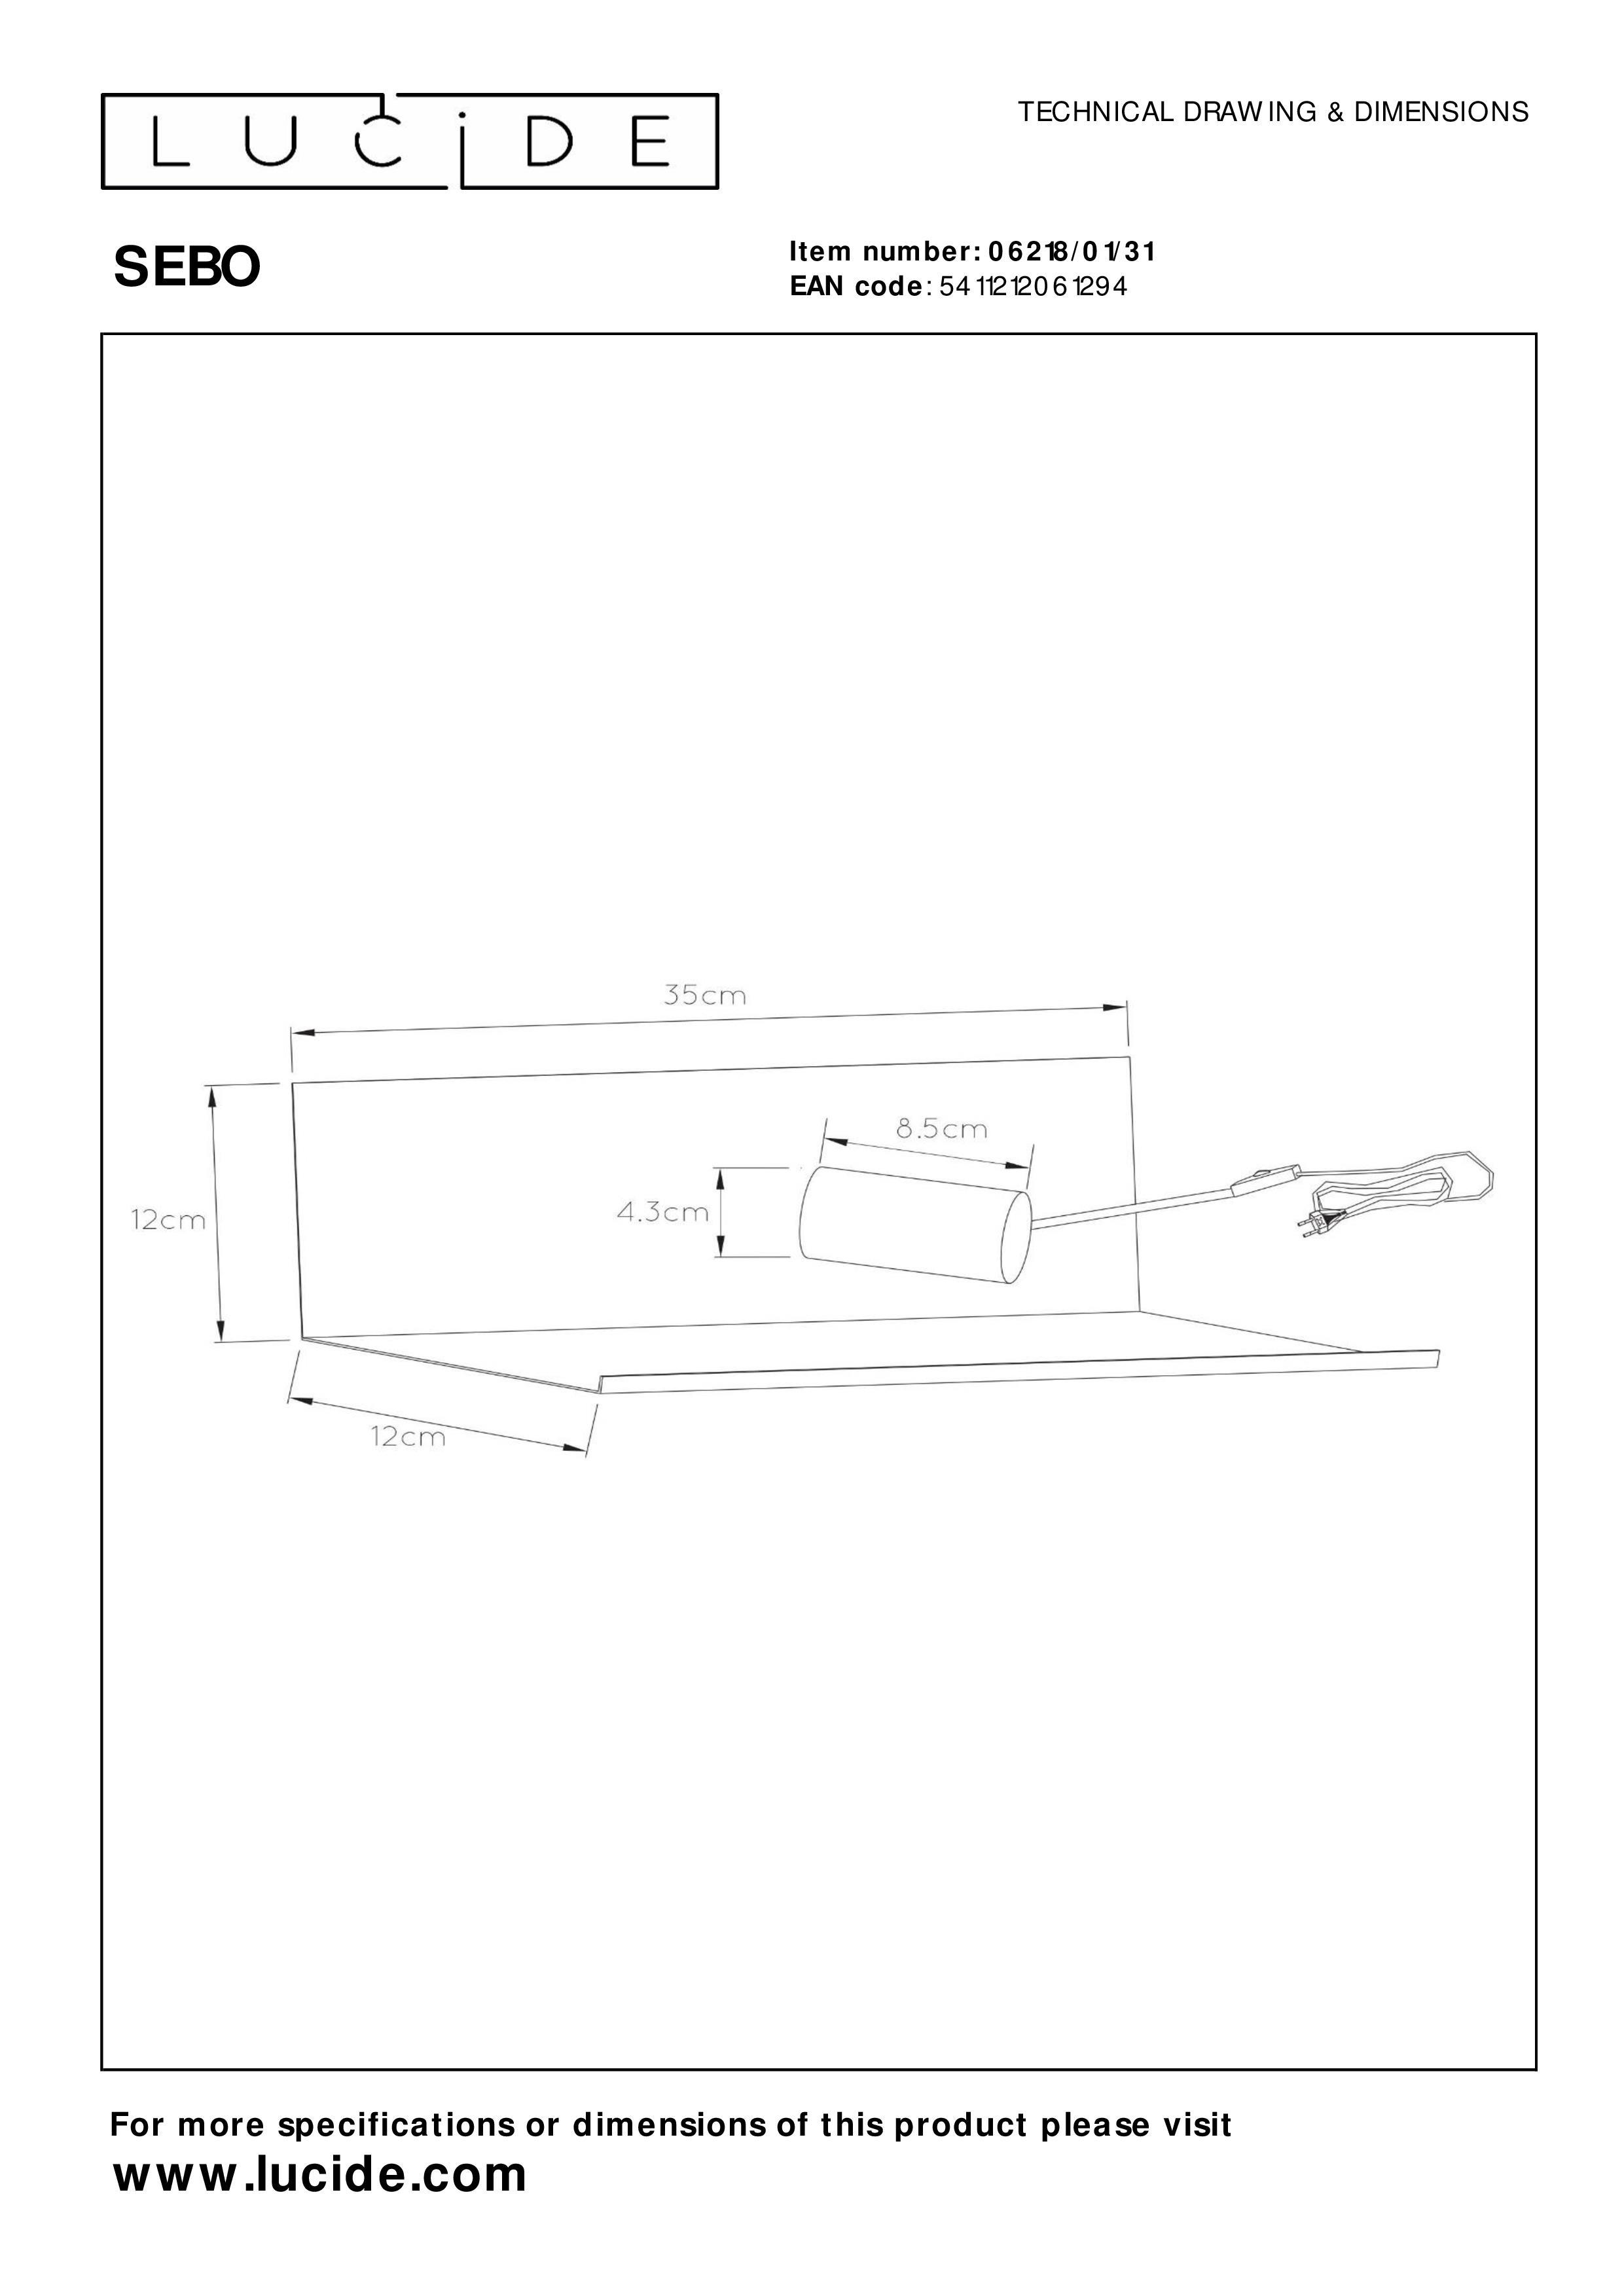 Bettlampe Schwarz Metall E27 Black 35 x 12 x 12 cm Lucide SEBO 40 W